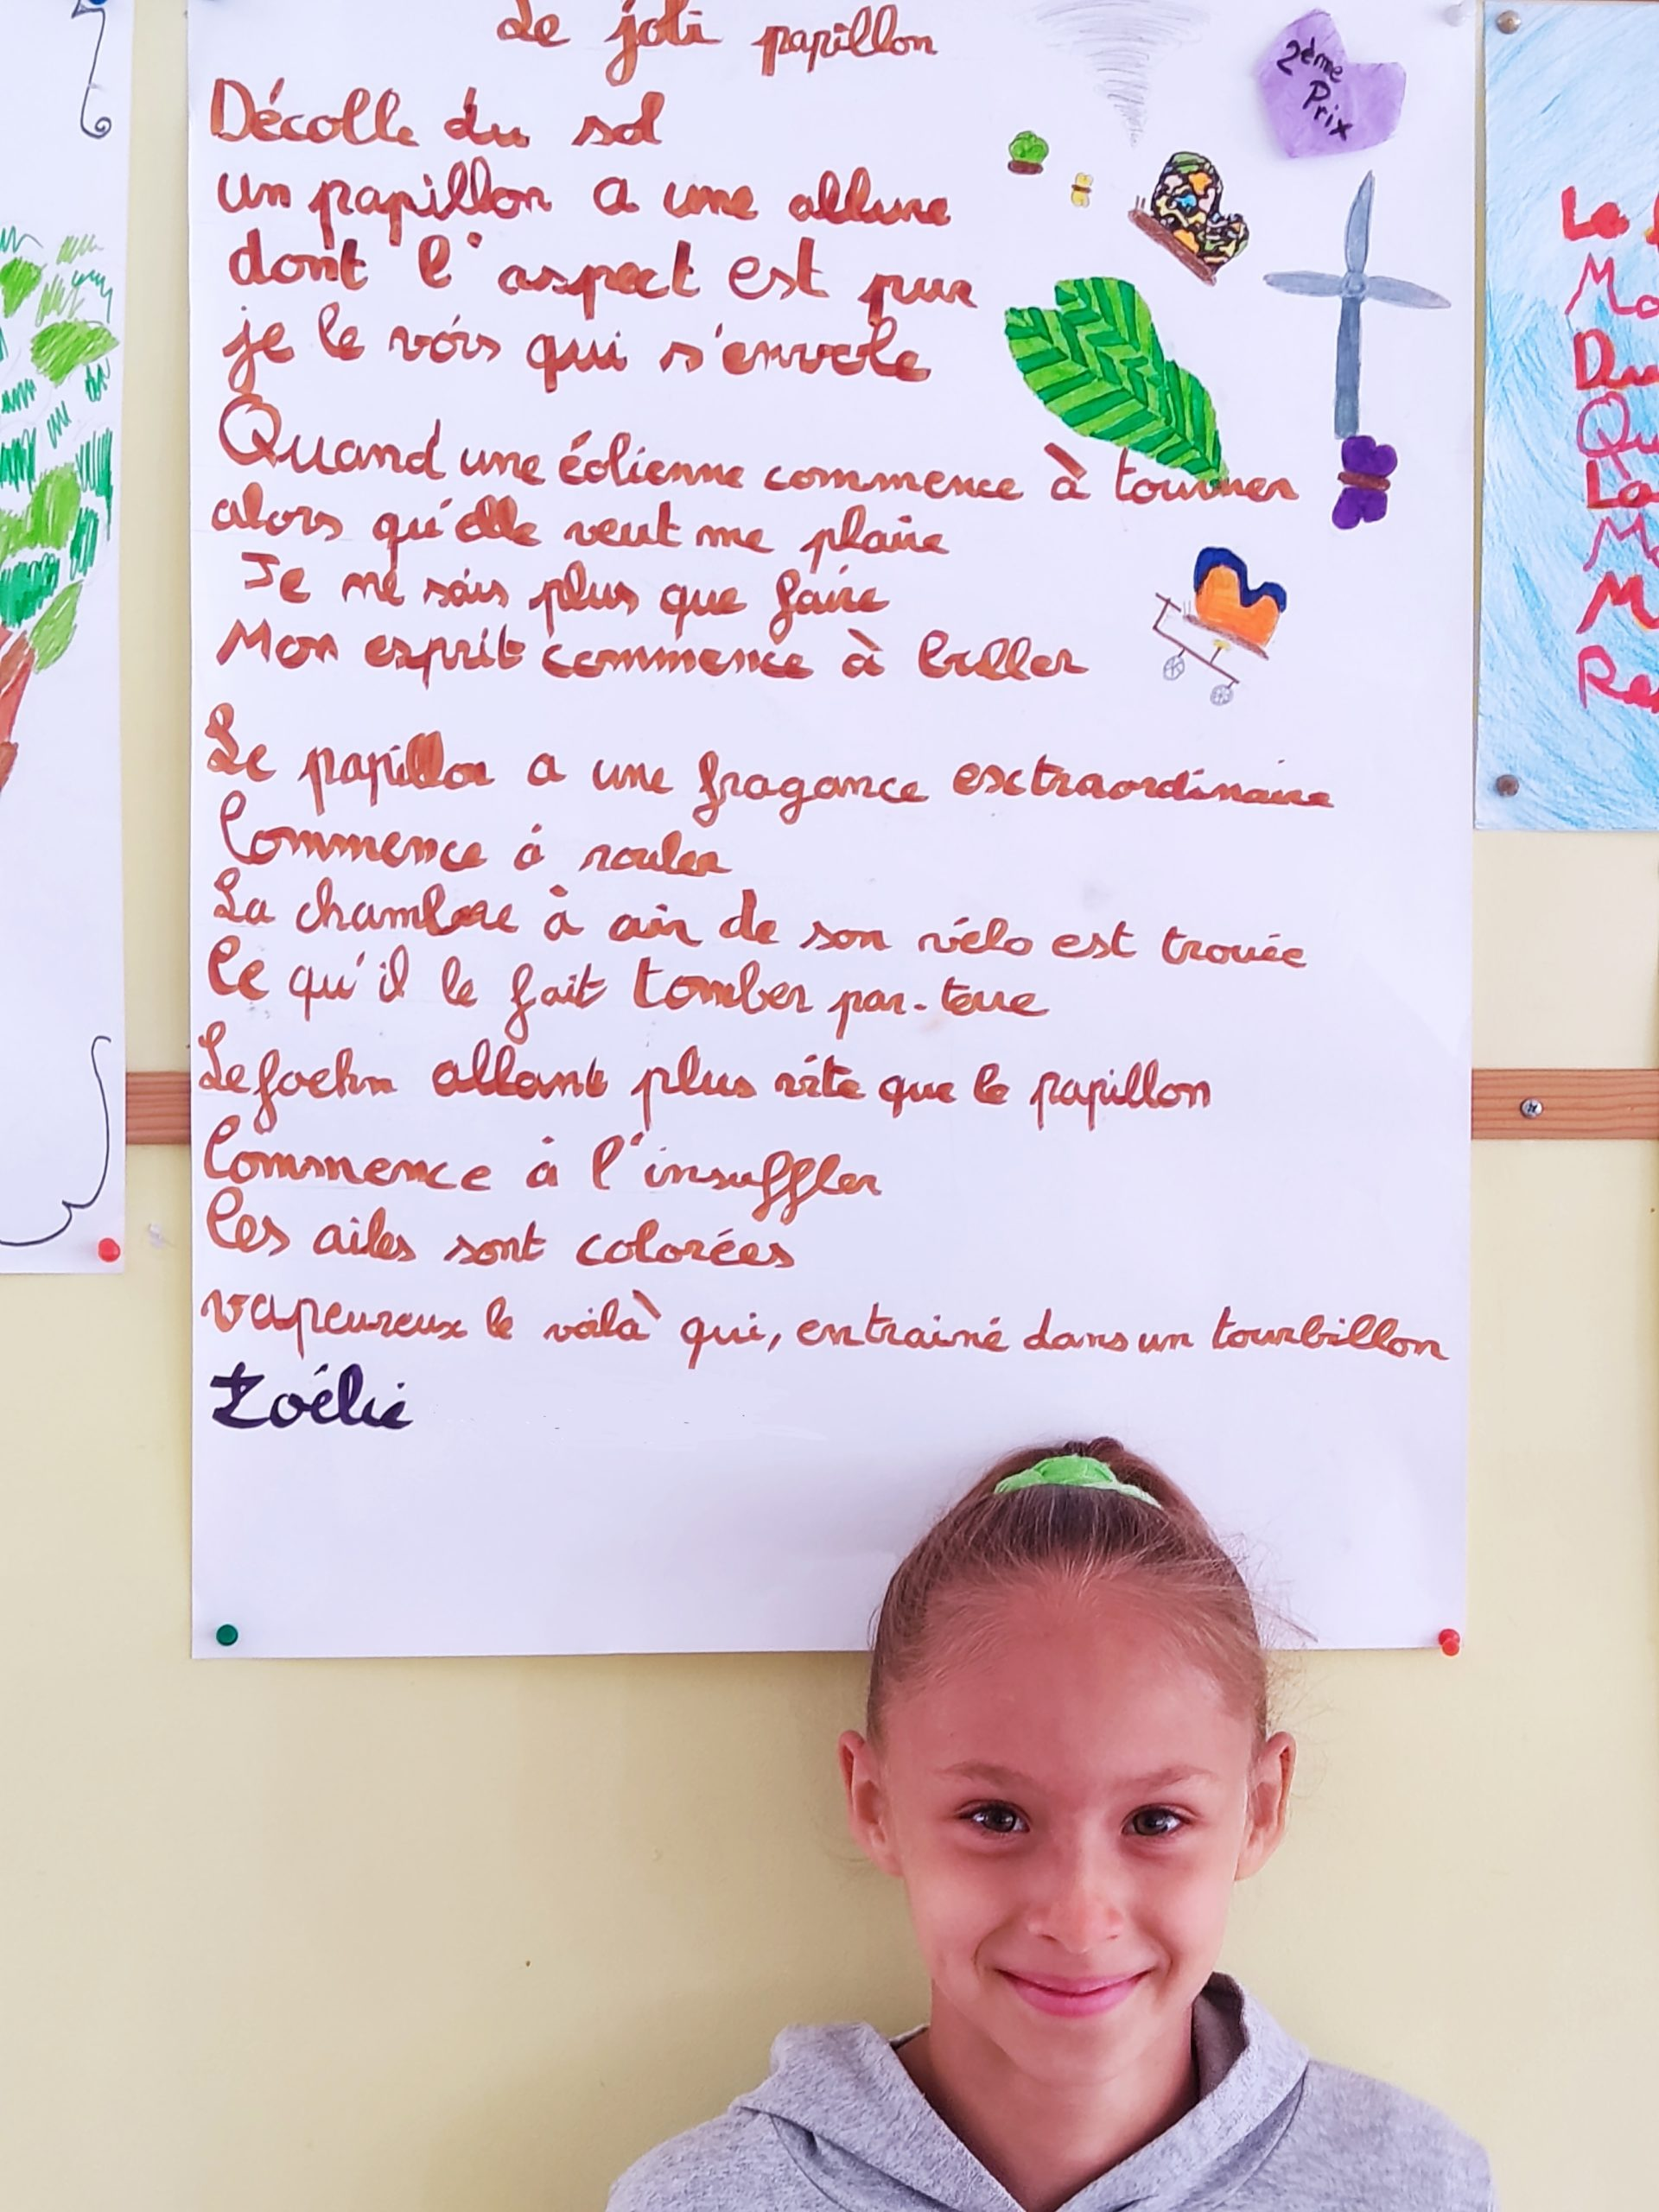 ecole sainte marie fuveau francophonie poème premier prix 2 la jeune fille qui a reçu le deuxième prix prise en photo et son poèrme au dessus-d'elle